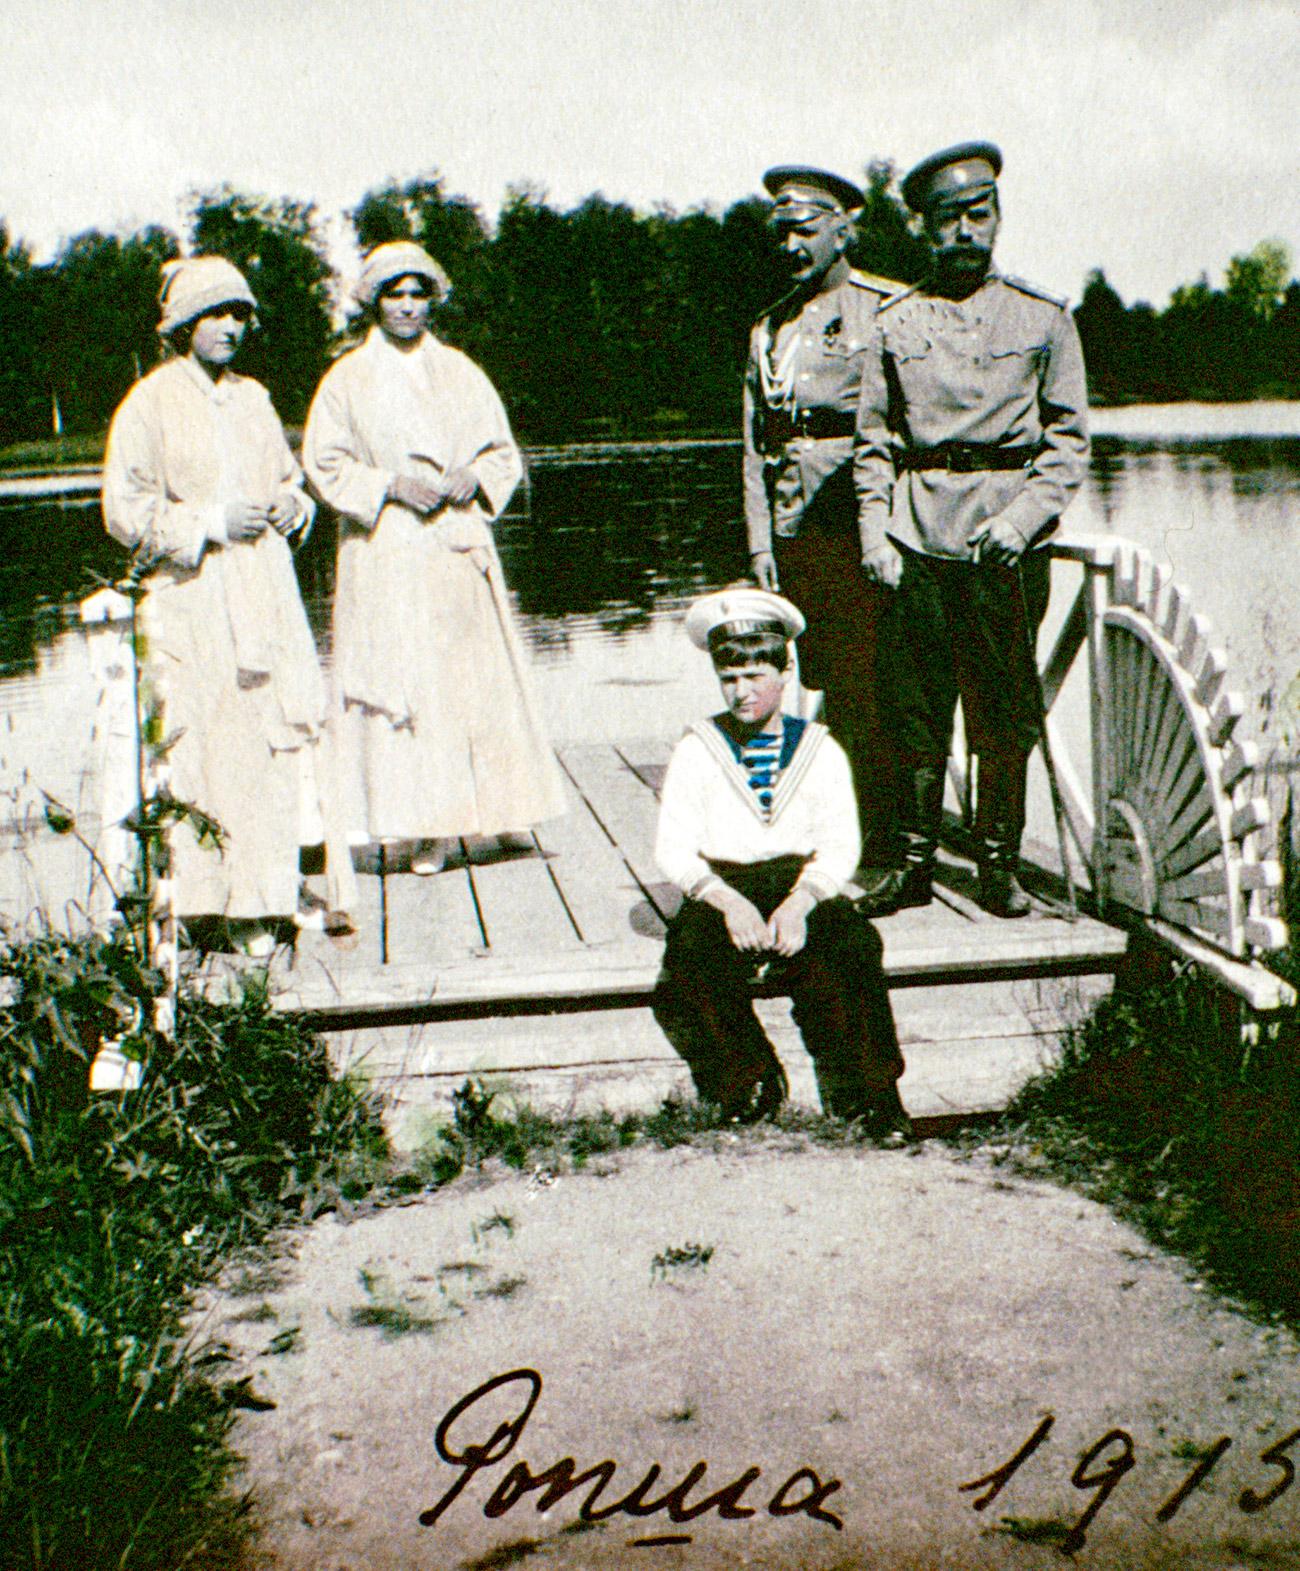 Anche Nicola II possedeva una macchina fotografica con la quale realizzava ritratti di paesaggi